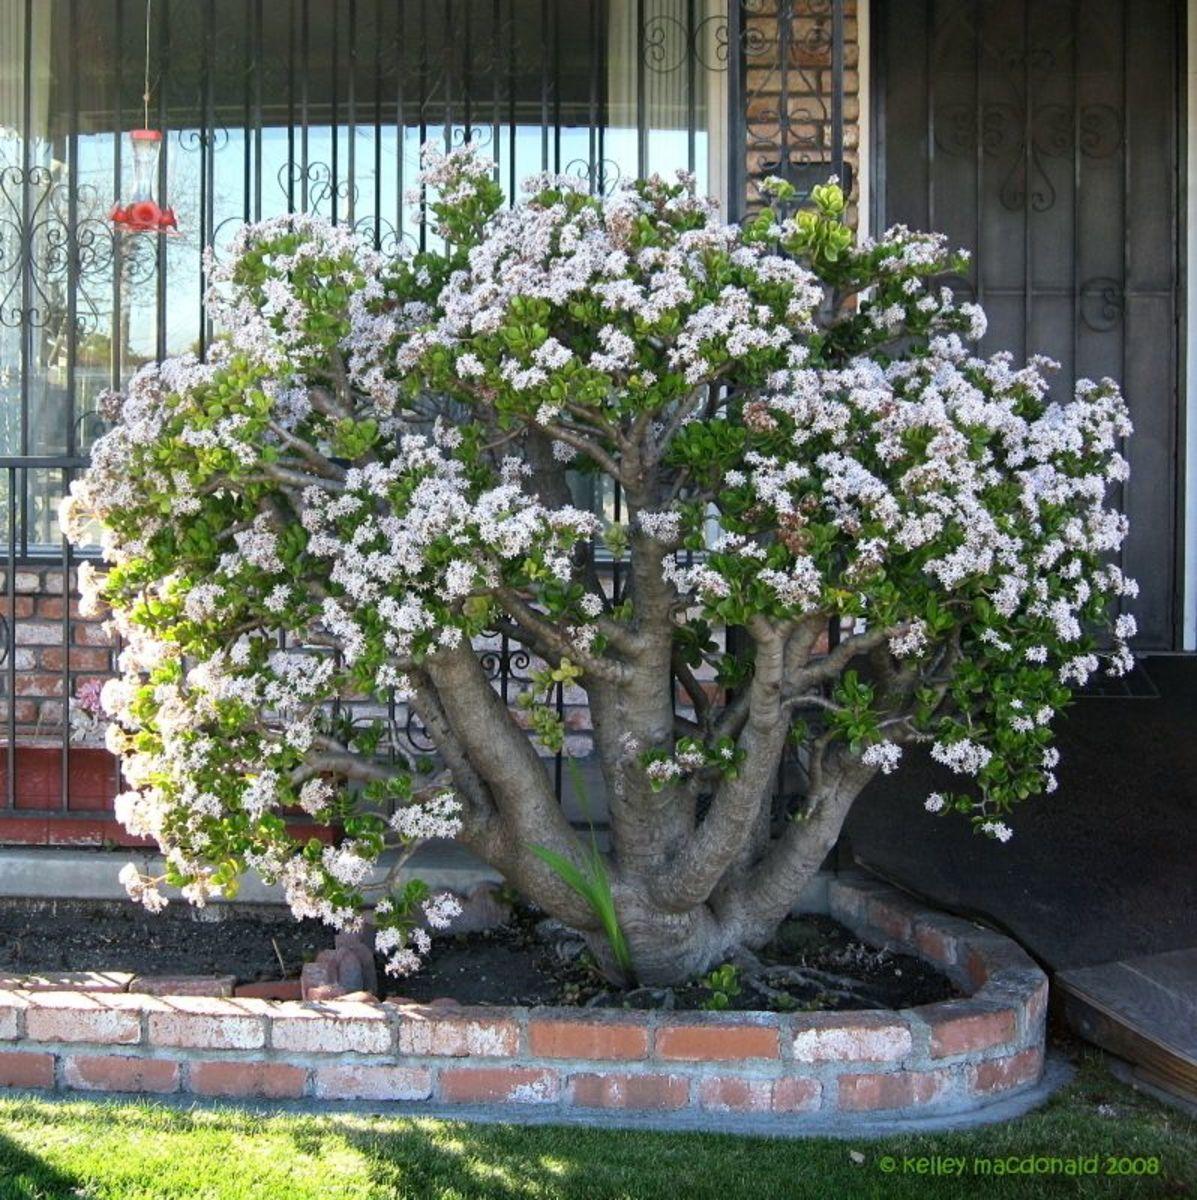 jade-plant-crassula-ovata